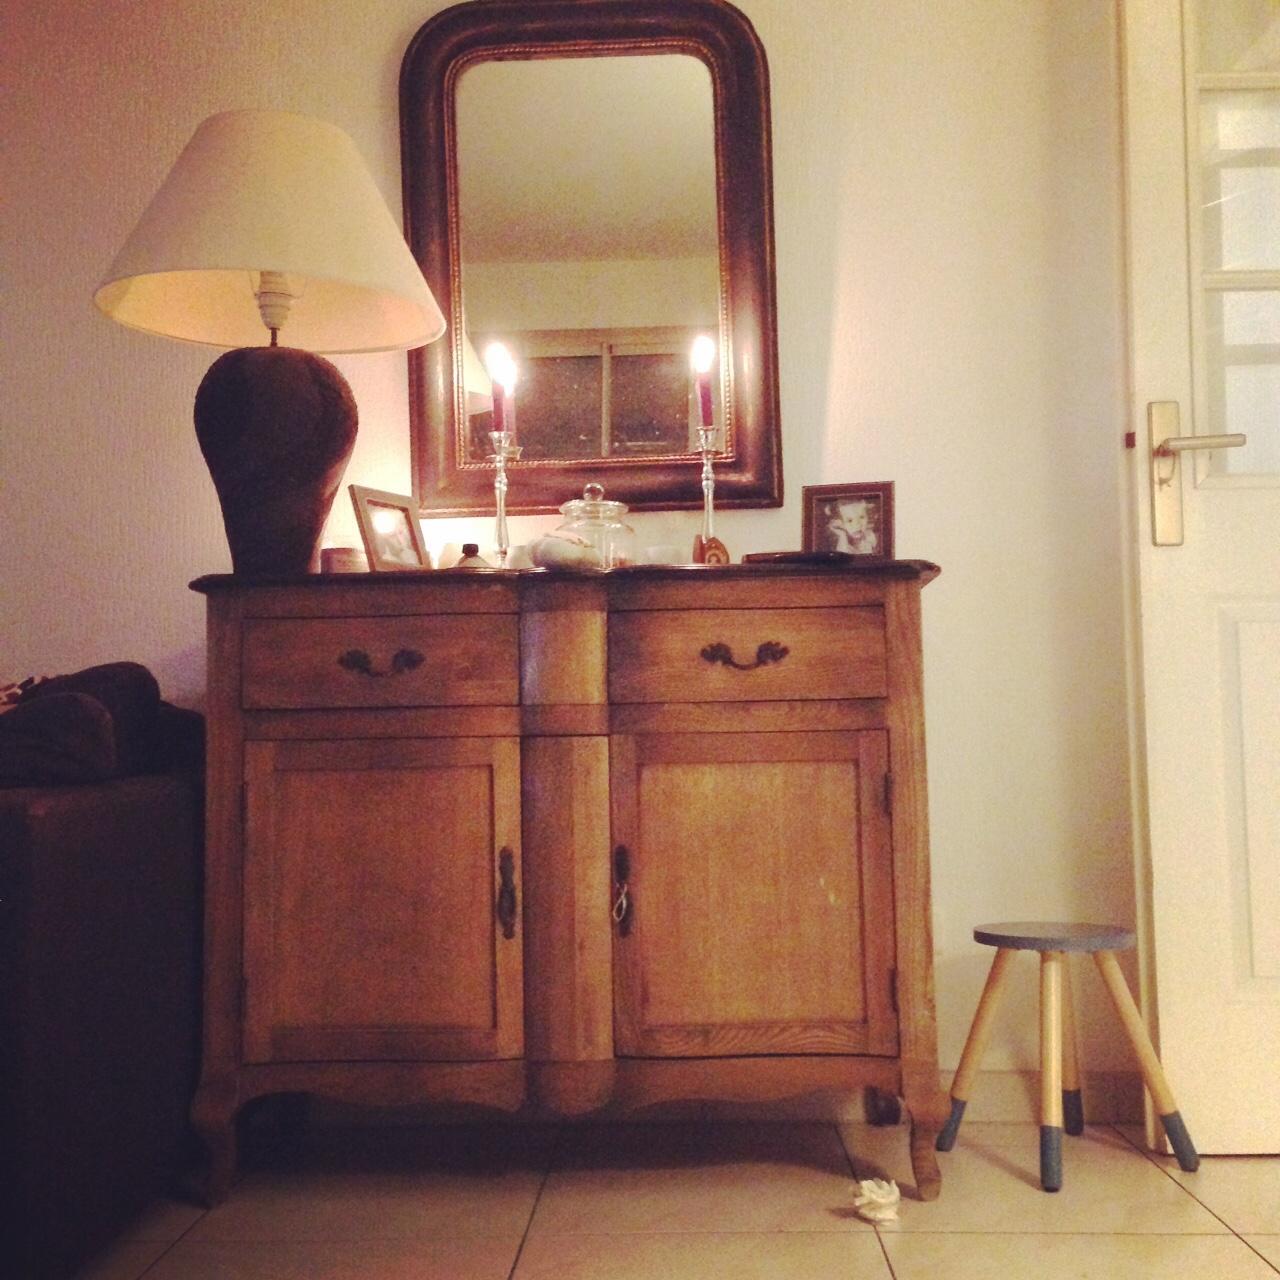 Une chambre moi diy customisation d 39 un miroir louis for Miroir zigzag